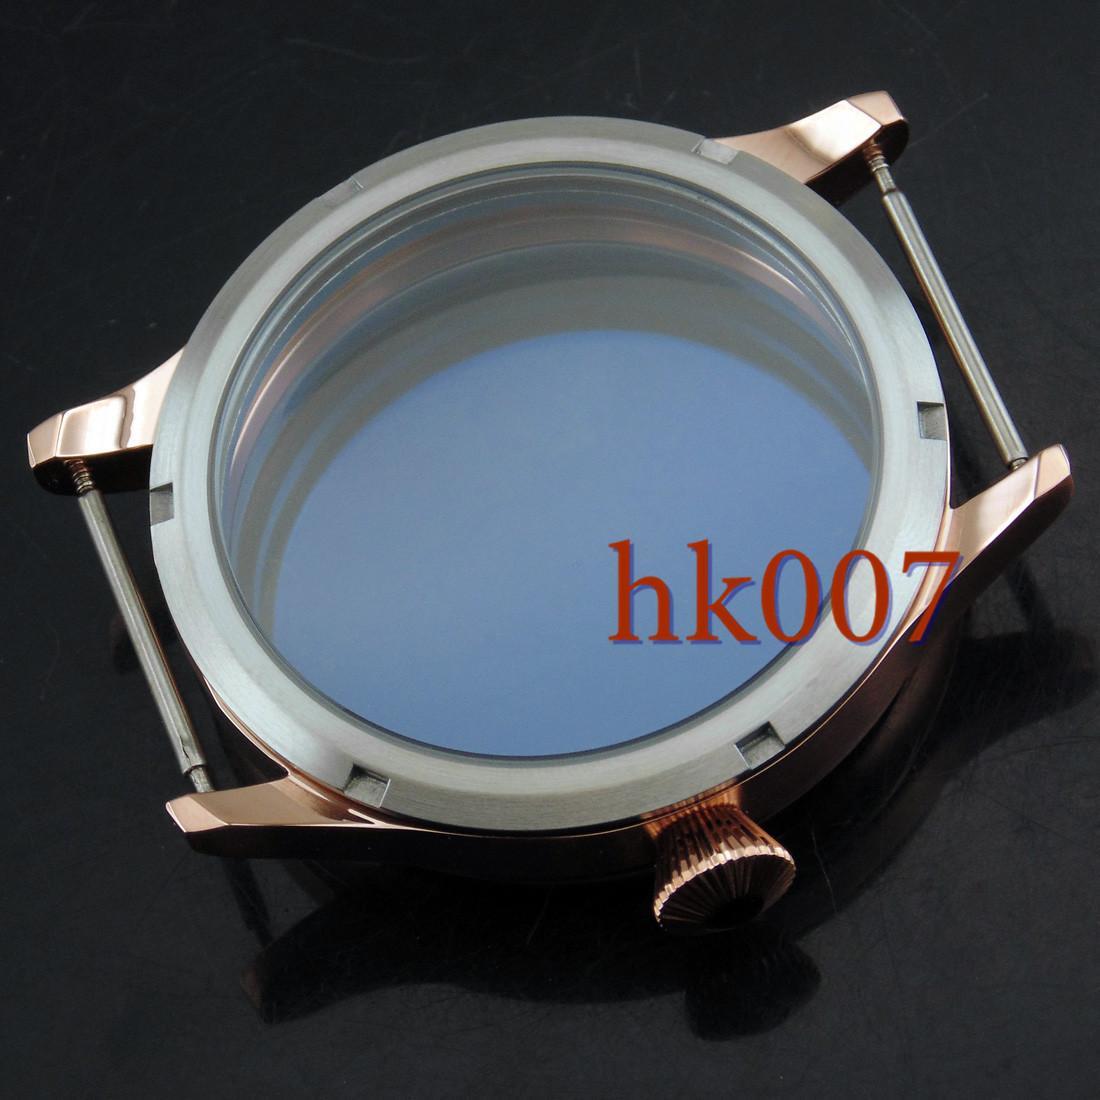 P344 ETA 6497/6498 Seagull ST36 Kit orologio movimento 44mm Corgeut cassa in acciaio Prezzo basso e cassa dell'orologio da polso di buona qualità